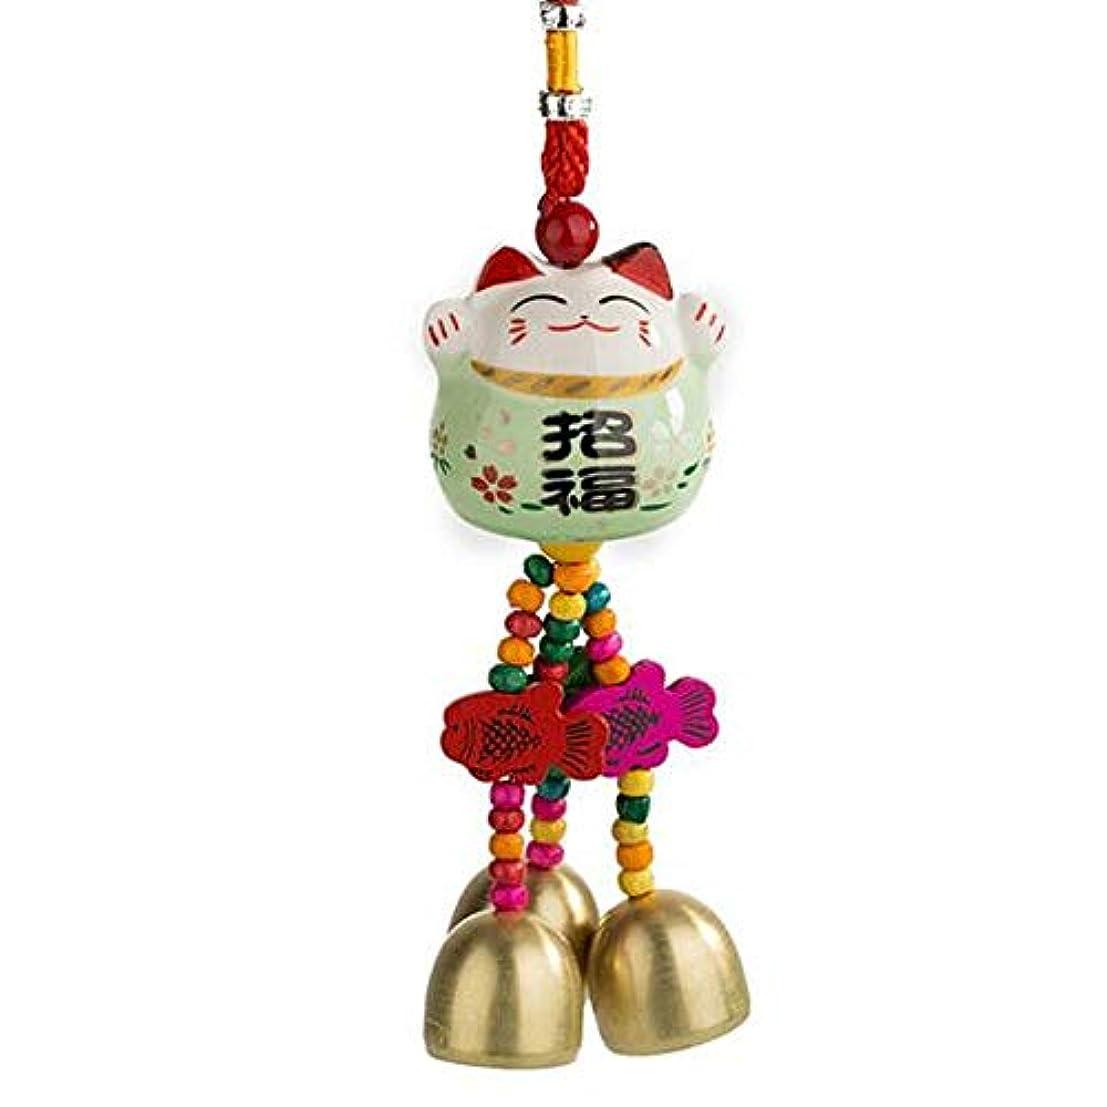 トレーダーマットレスカウントアップHongyuantongxun 風チャイム、かわいいクリエイティブセラミック猫風の鐘、オレンジ、ロング28センチメートル,、装飾品ペンダント (Color : Green)